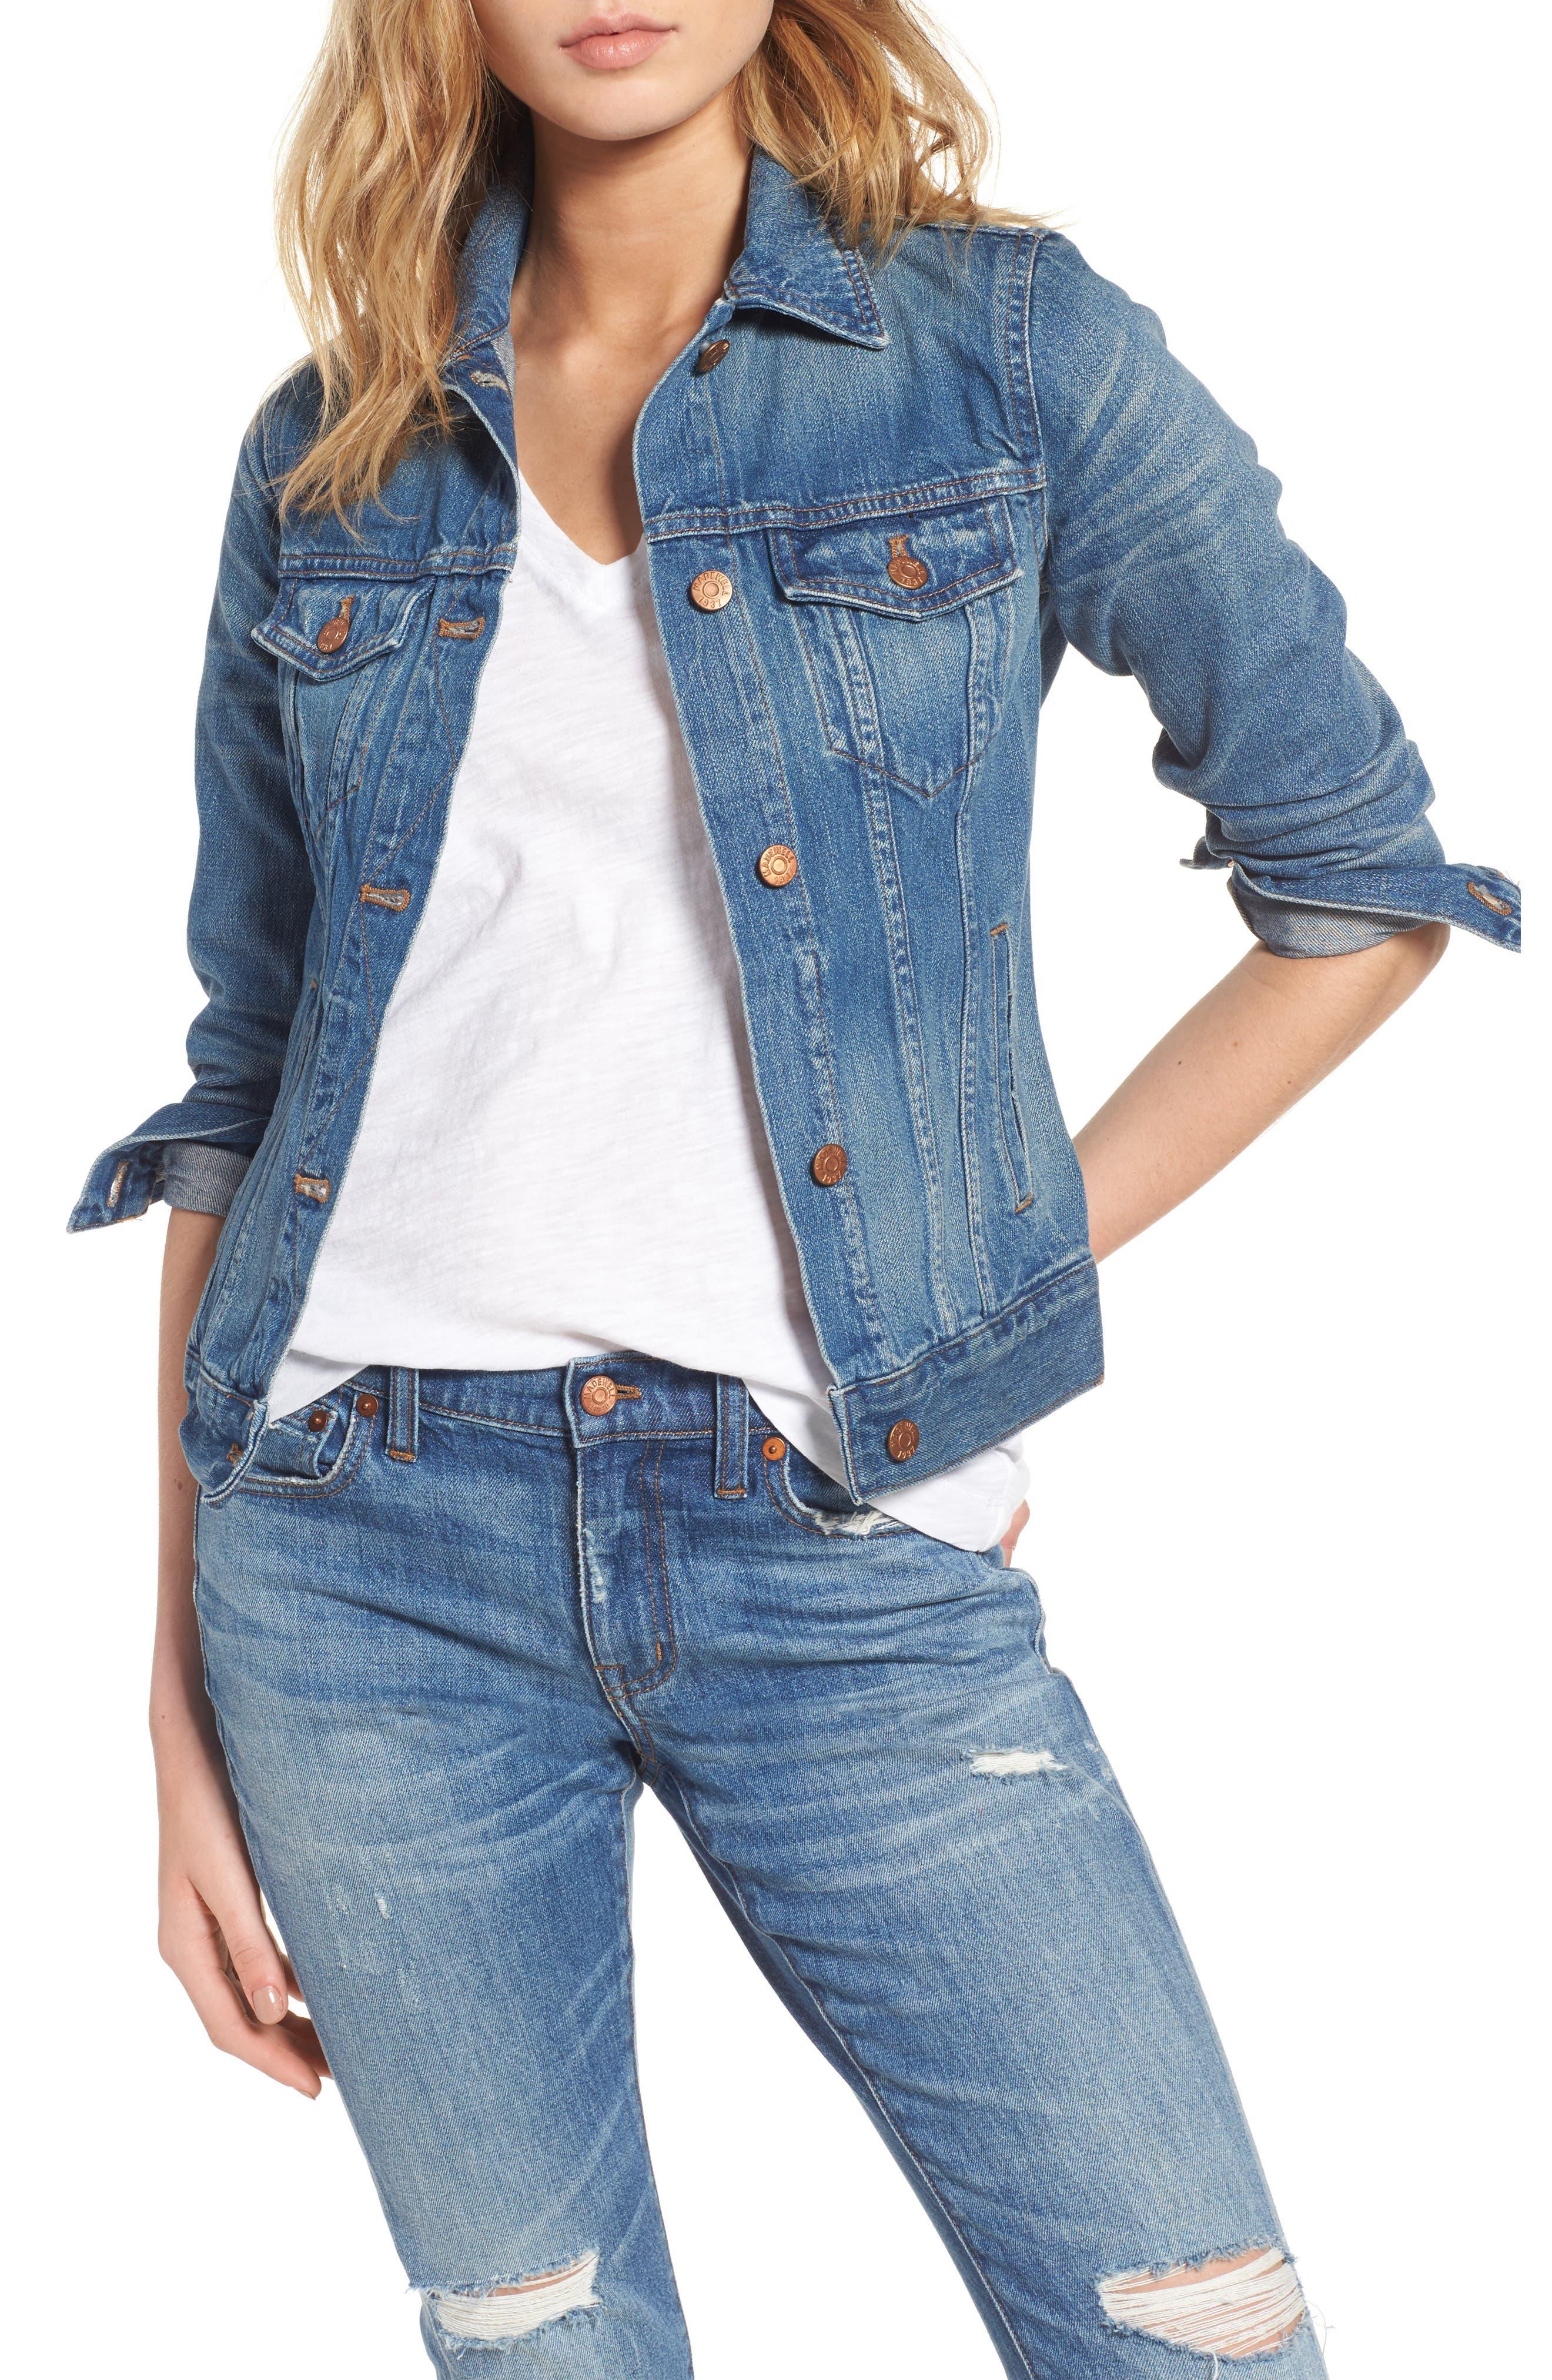 Women's denim jean jacket